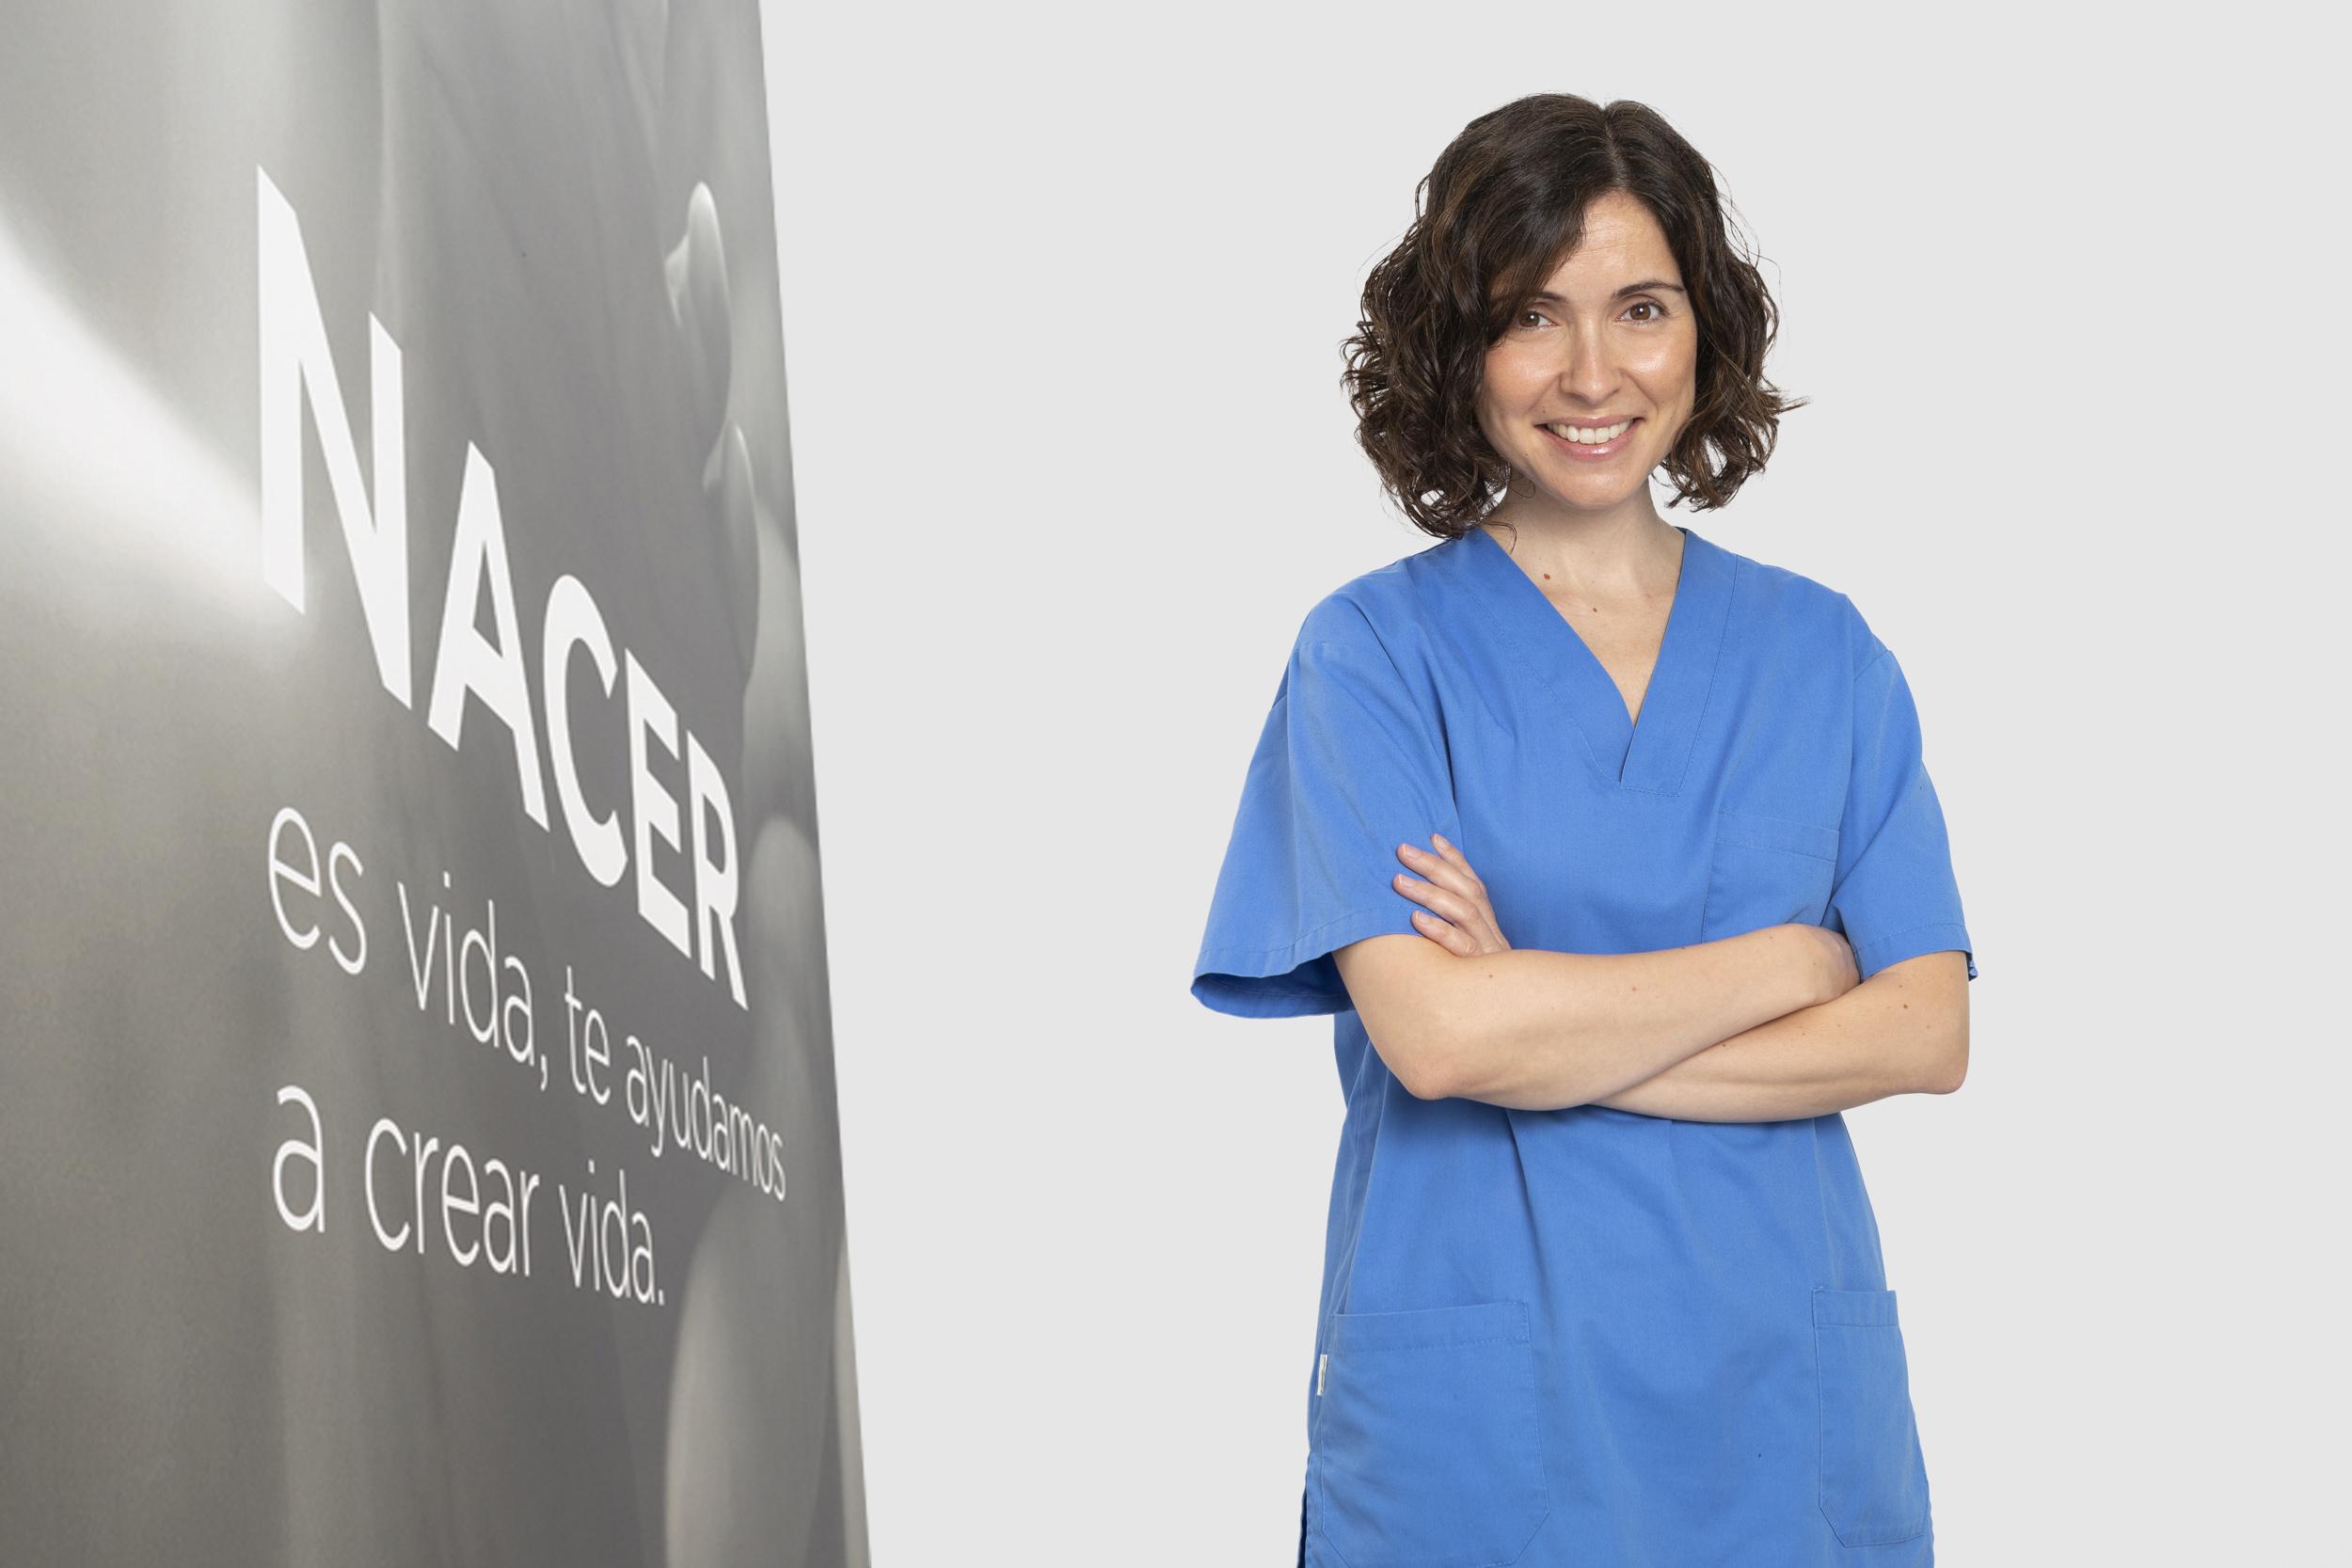 Dr Mariona Rius